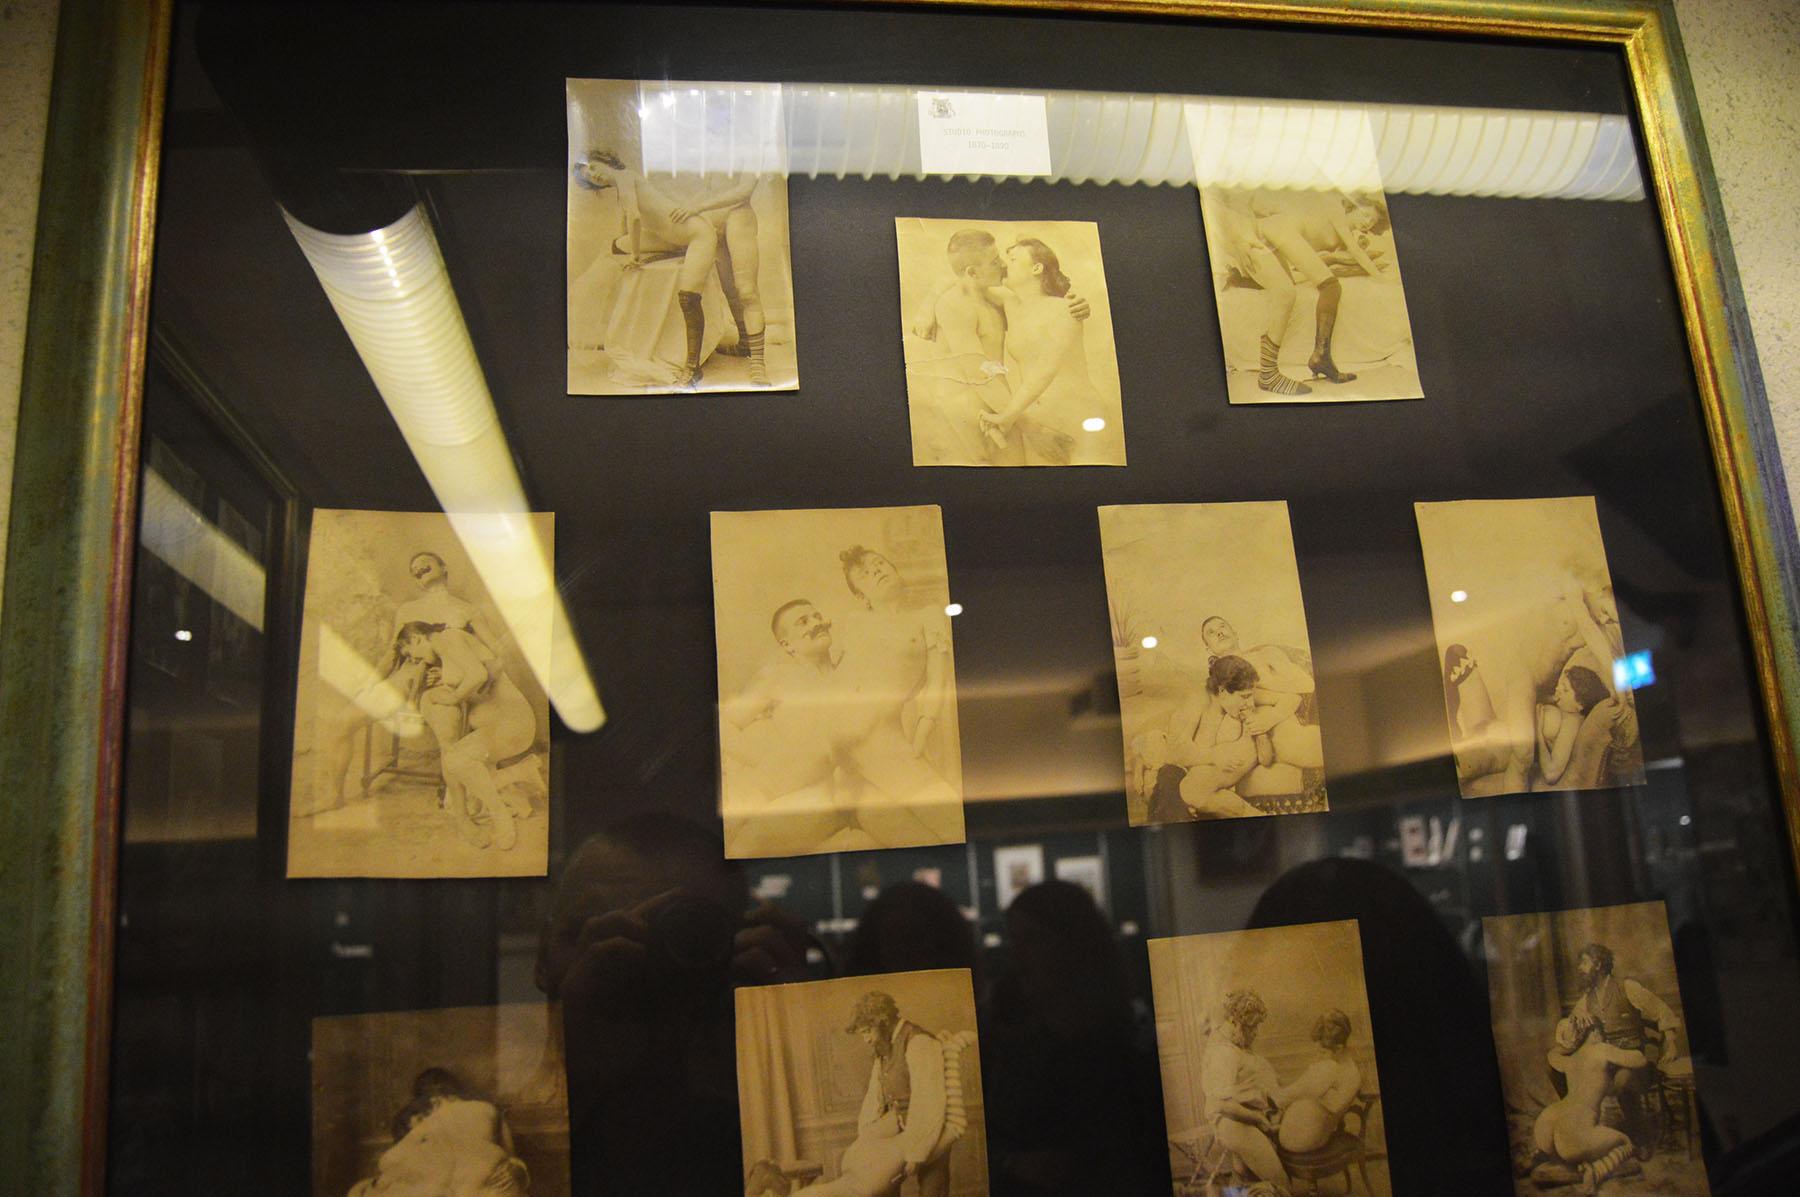 Дрочит исторический музей порно экспонаты заставку